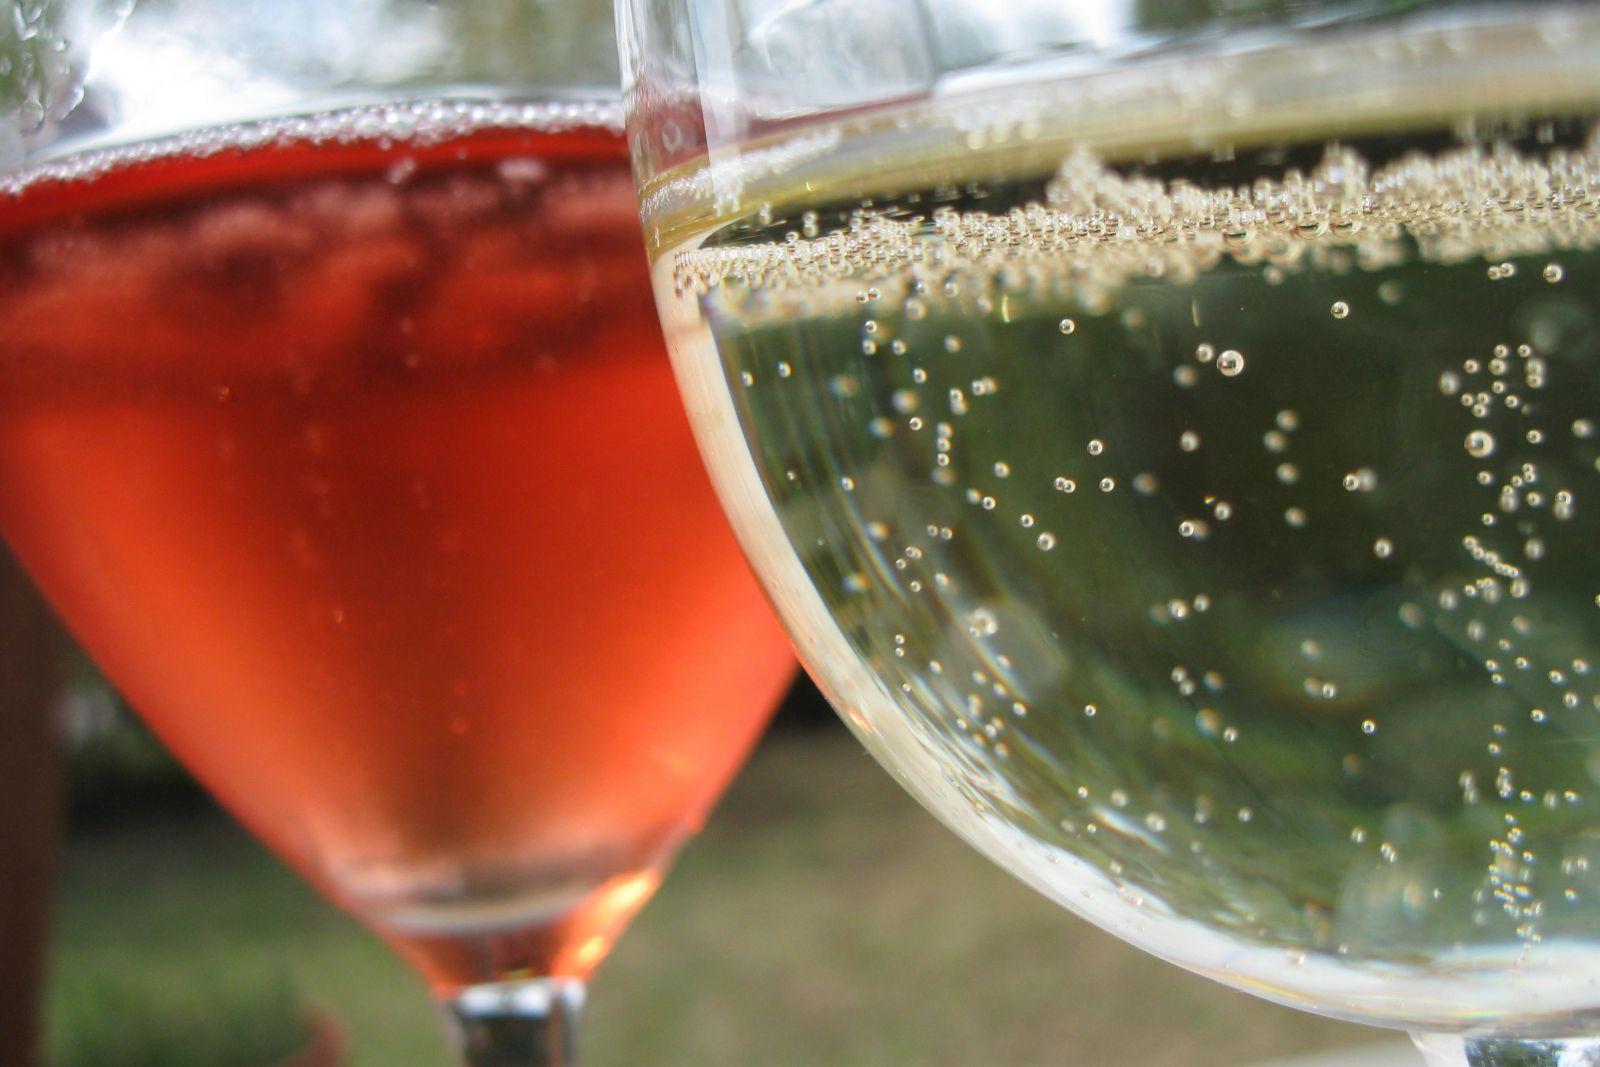 Korlátozza az önkormányzat a közterületi alkoholfogyasztást